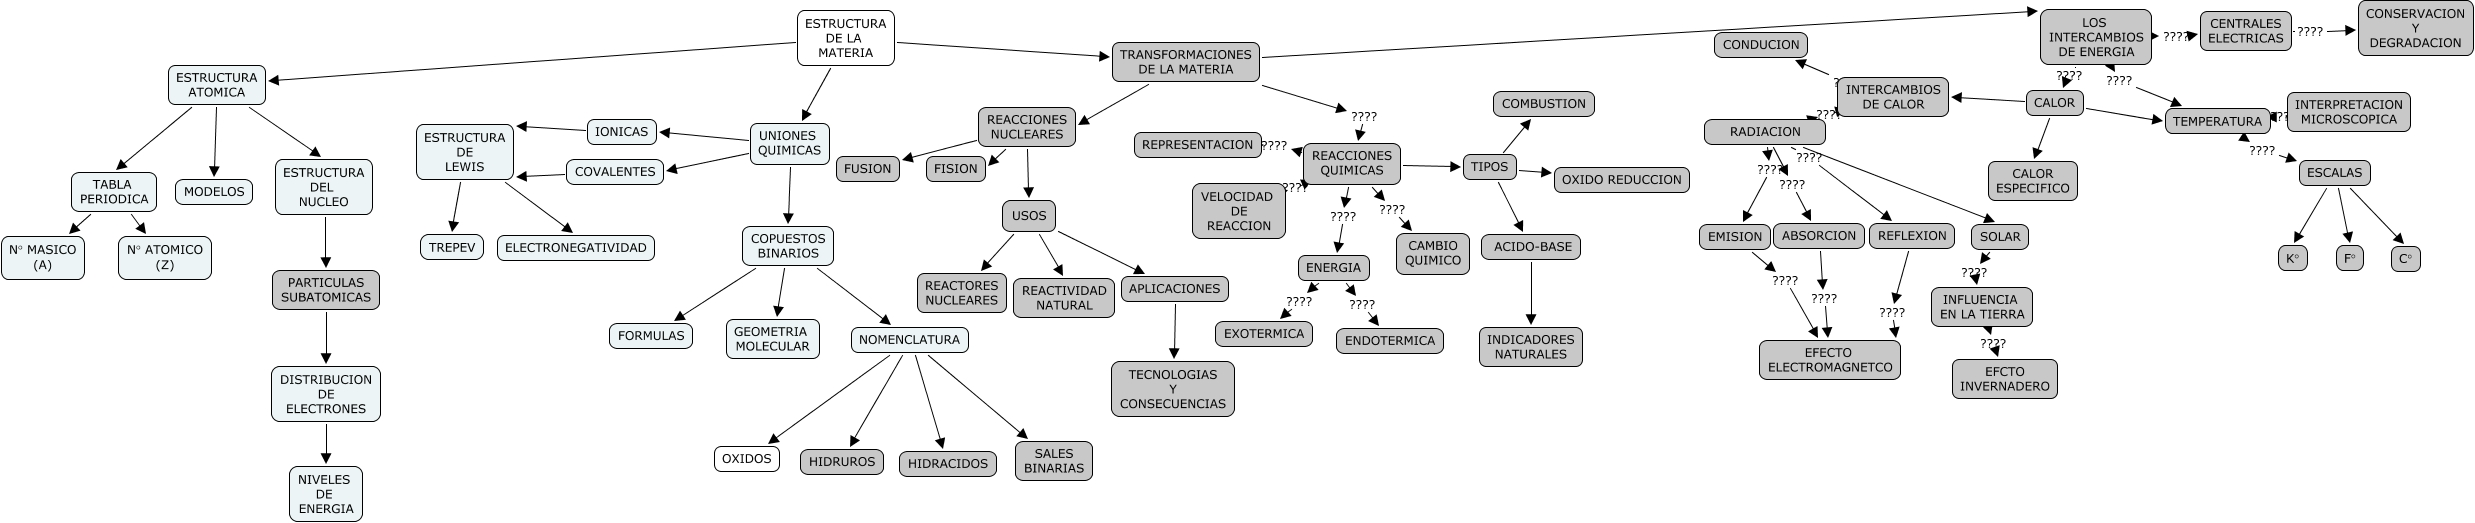 Mapa conceptual reacciones quimicas calor calor especifico uniones quimicas copuestos binarios estructura atomica tabla periodica calor temperatura calor intercambios urtaz Images